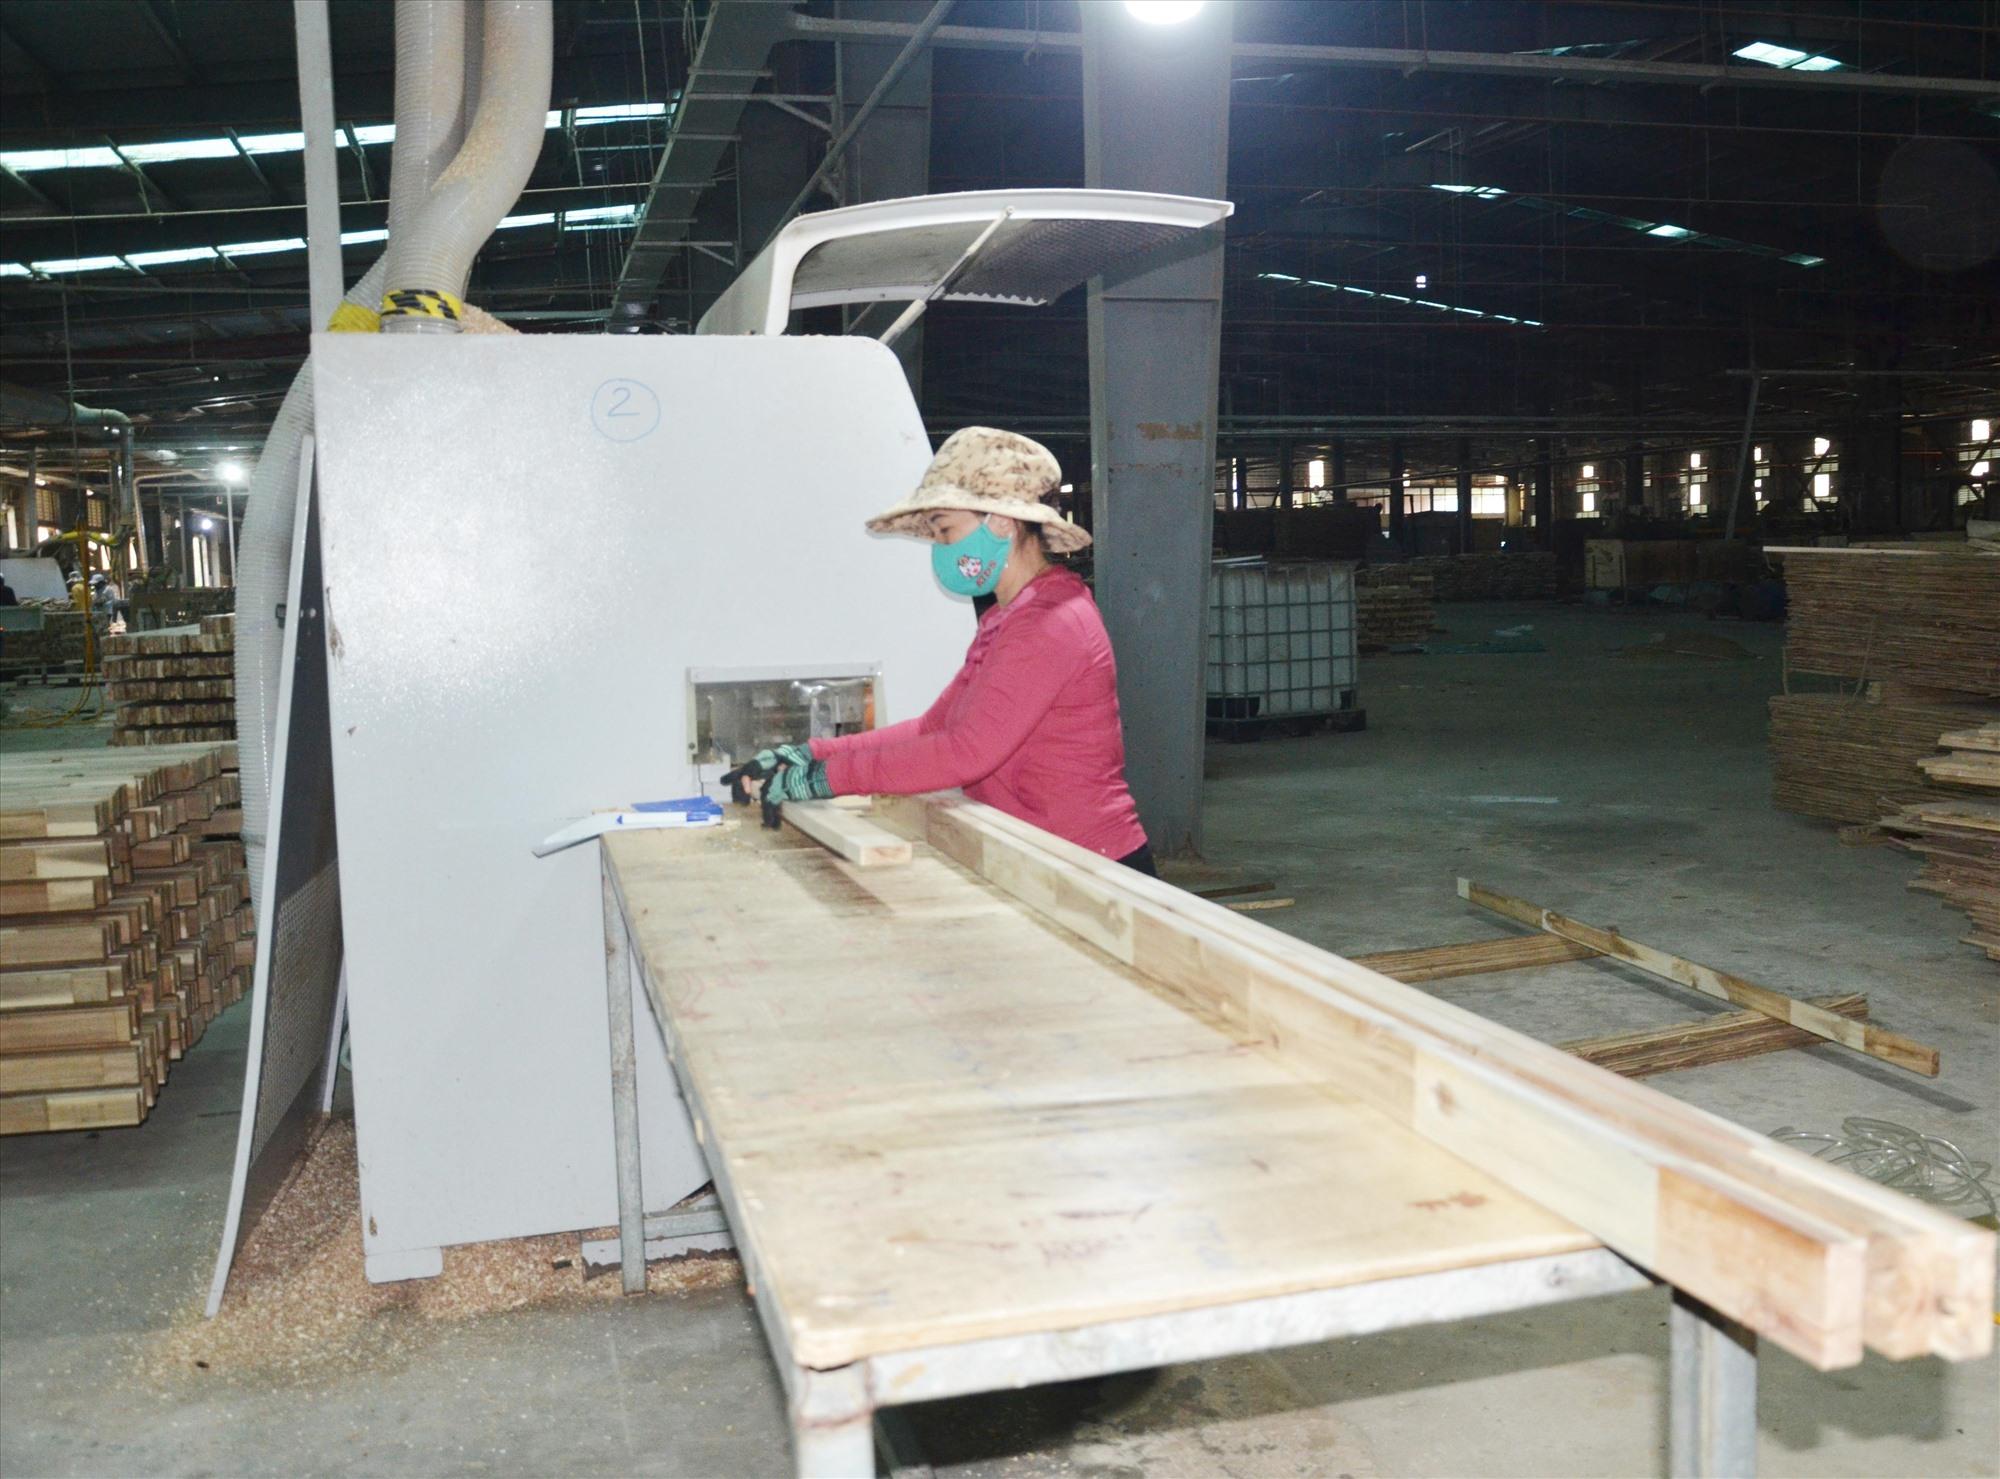 Doanh nghiệp chế biến sản phẩm từ nguồn nguyên liệu rừng trồng. Ảnh: T.H